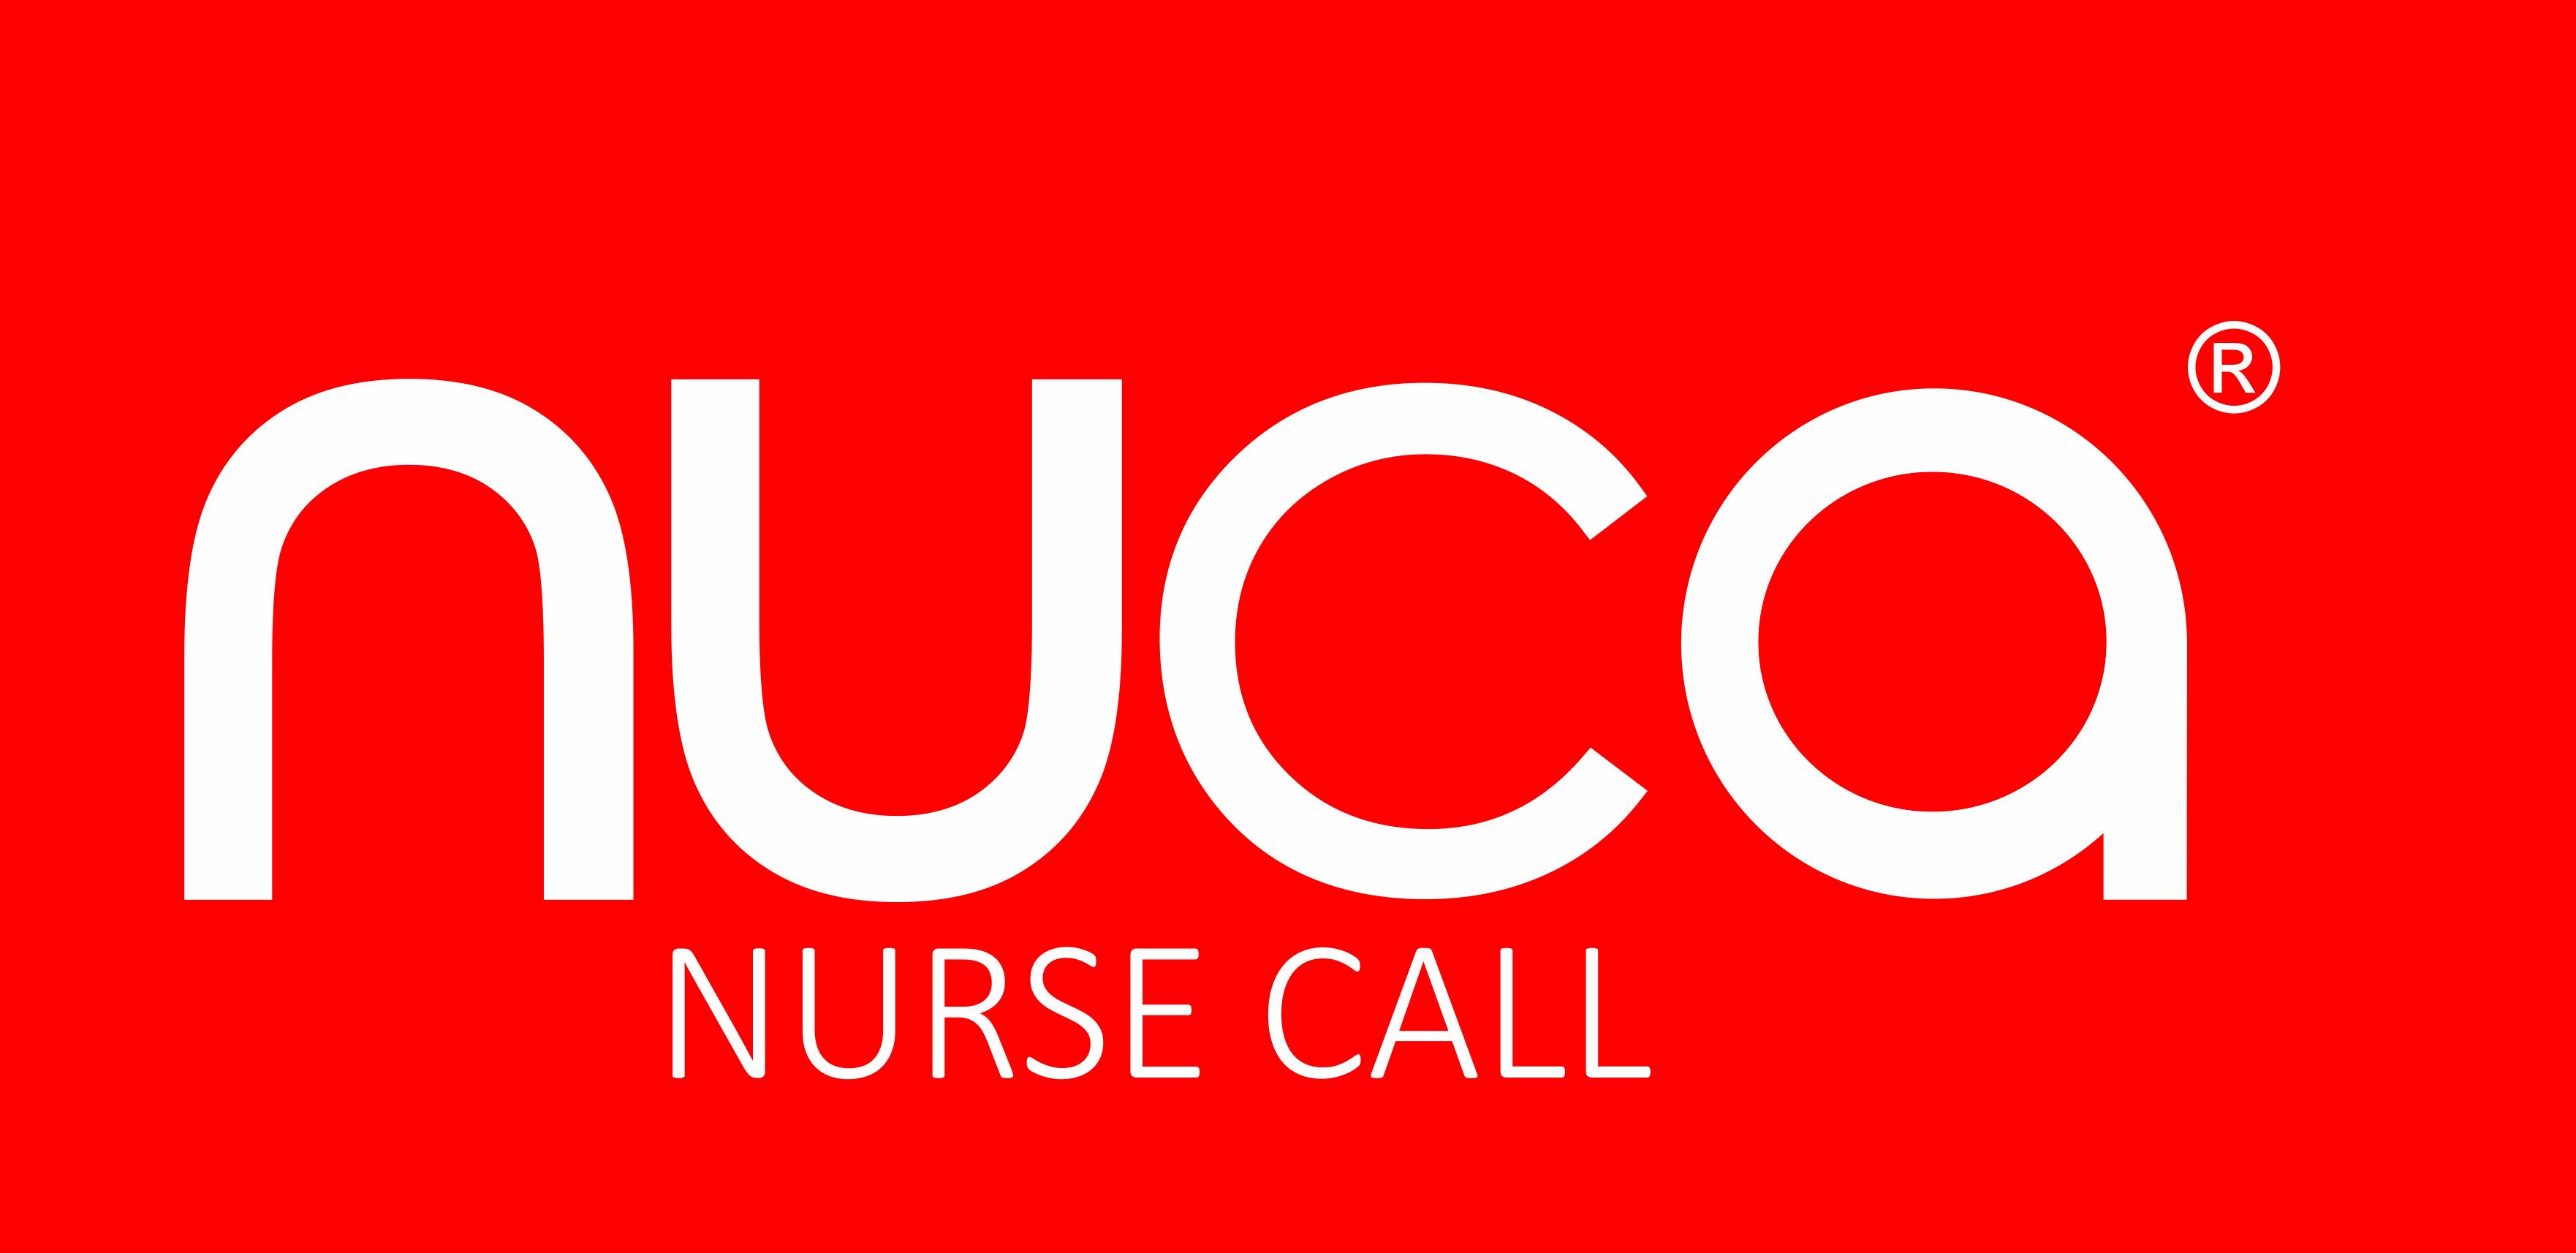 As vantagens da implementação da nuca nurse call